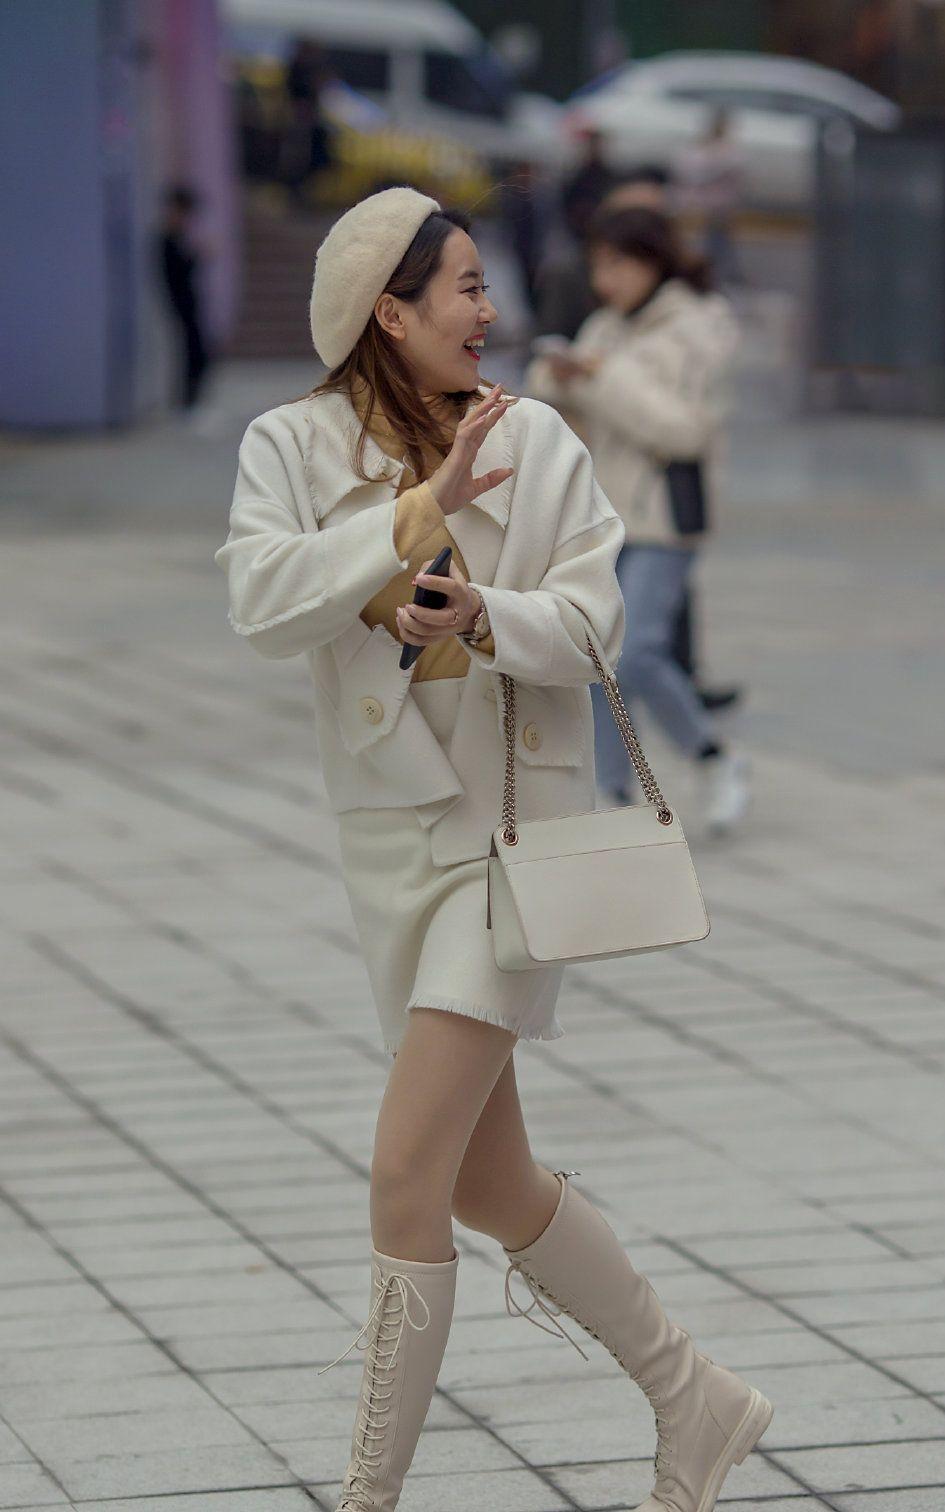 美女选择肉色丝袜,还原皮肤颜色,展现自然流畅的腿部线条